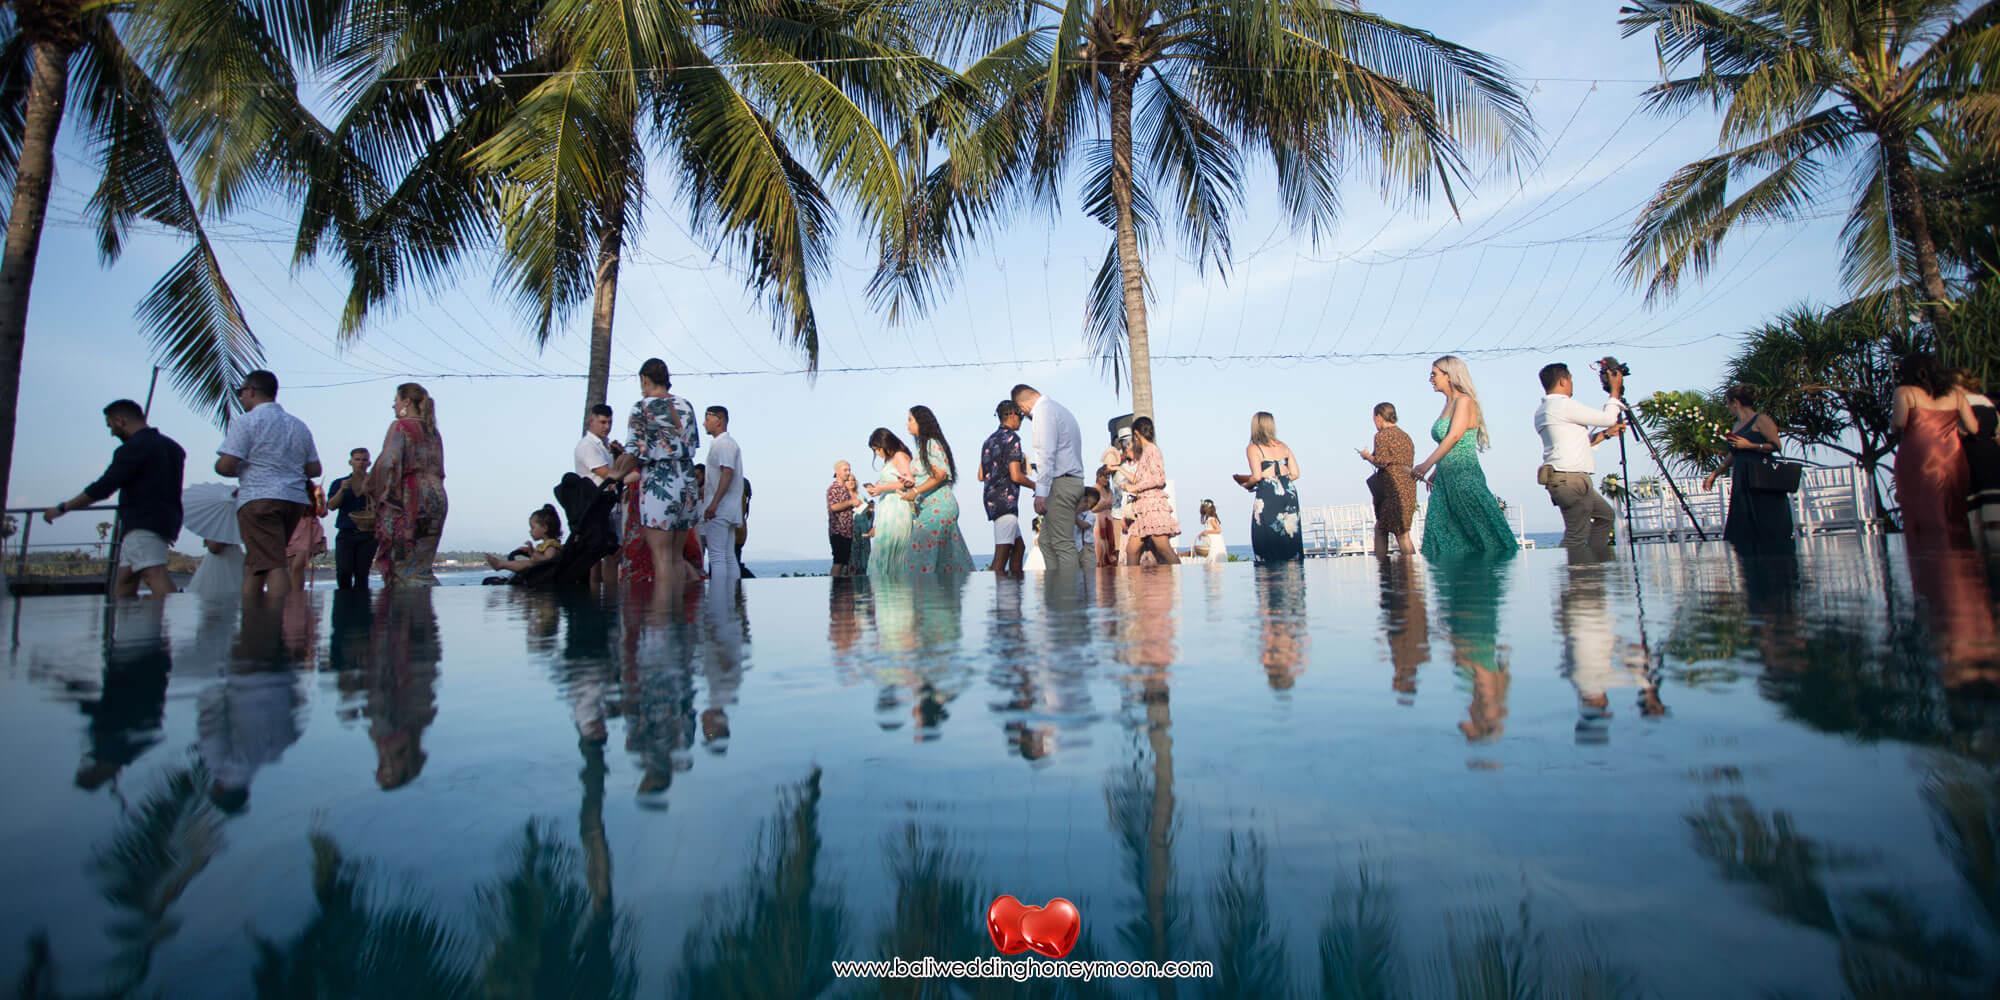 weddingvenuebali-villawedding-baliweddinghoneymoon-baliweddingorganizer-baliweddingplanner-baliweddingpackage-pushpapuri9